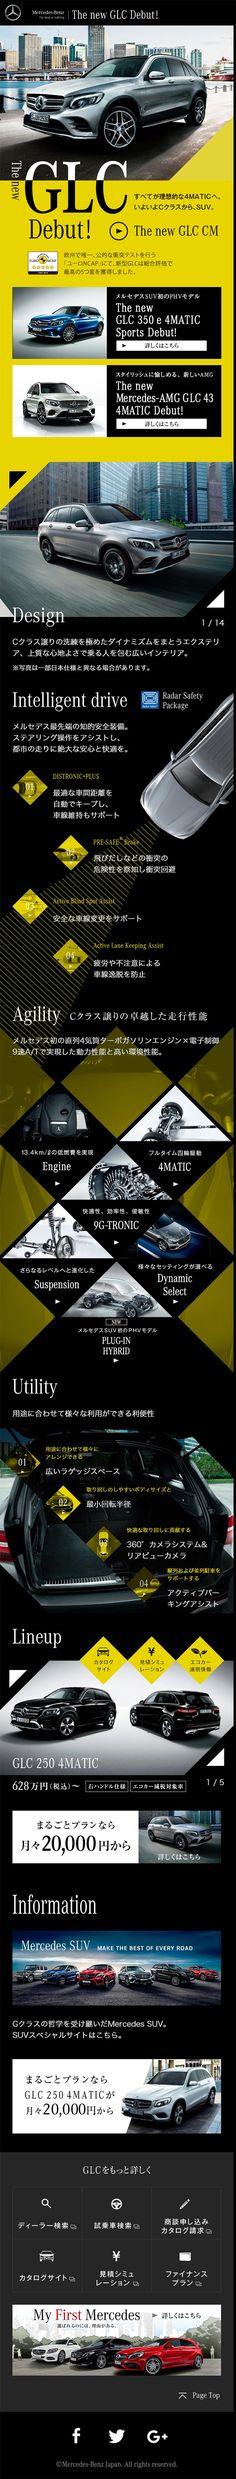 誕生。GLC|メルセデス・ベンツ日本【車・バイク関連】のLPデザイン。WEBデザイナーさん必見!スマホランディングページのデザイン参考に(かっこいい系)